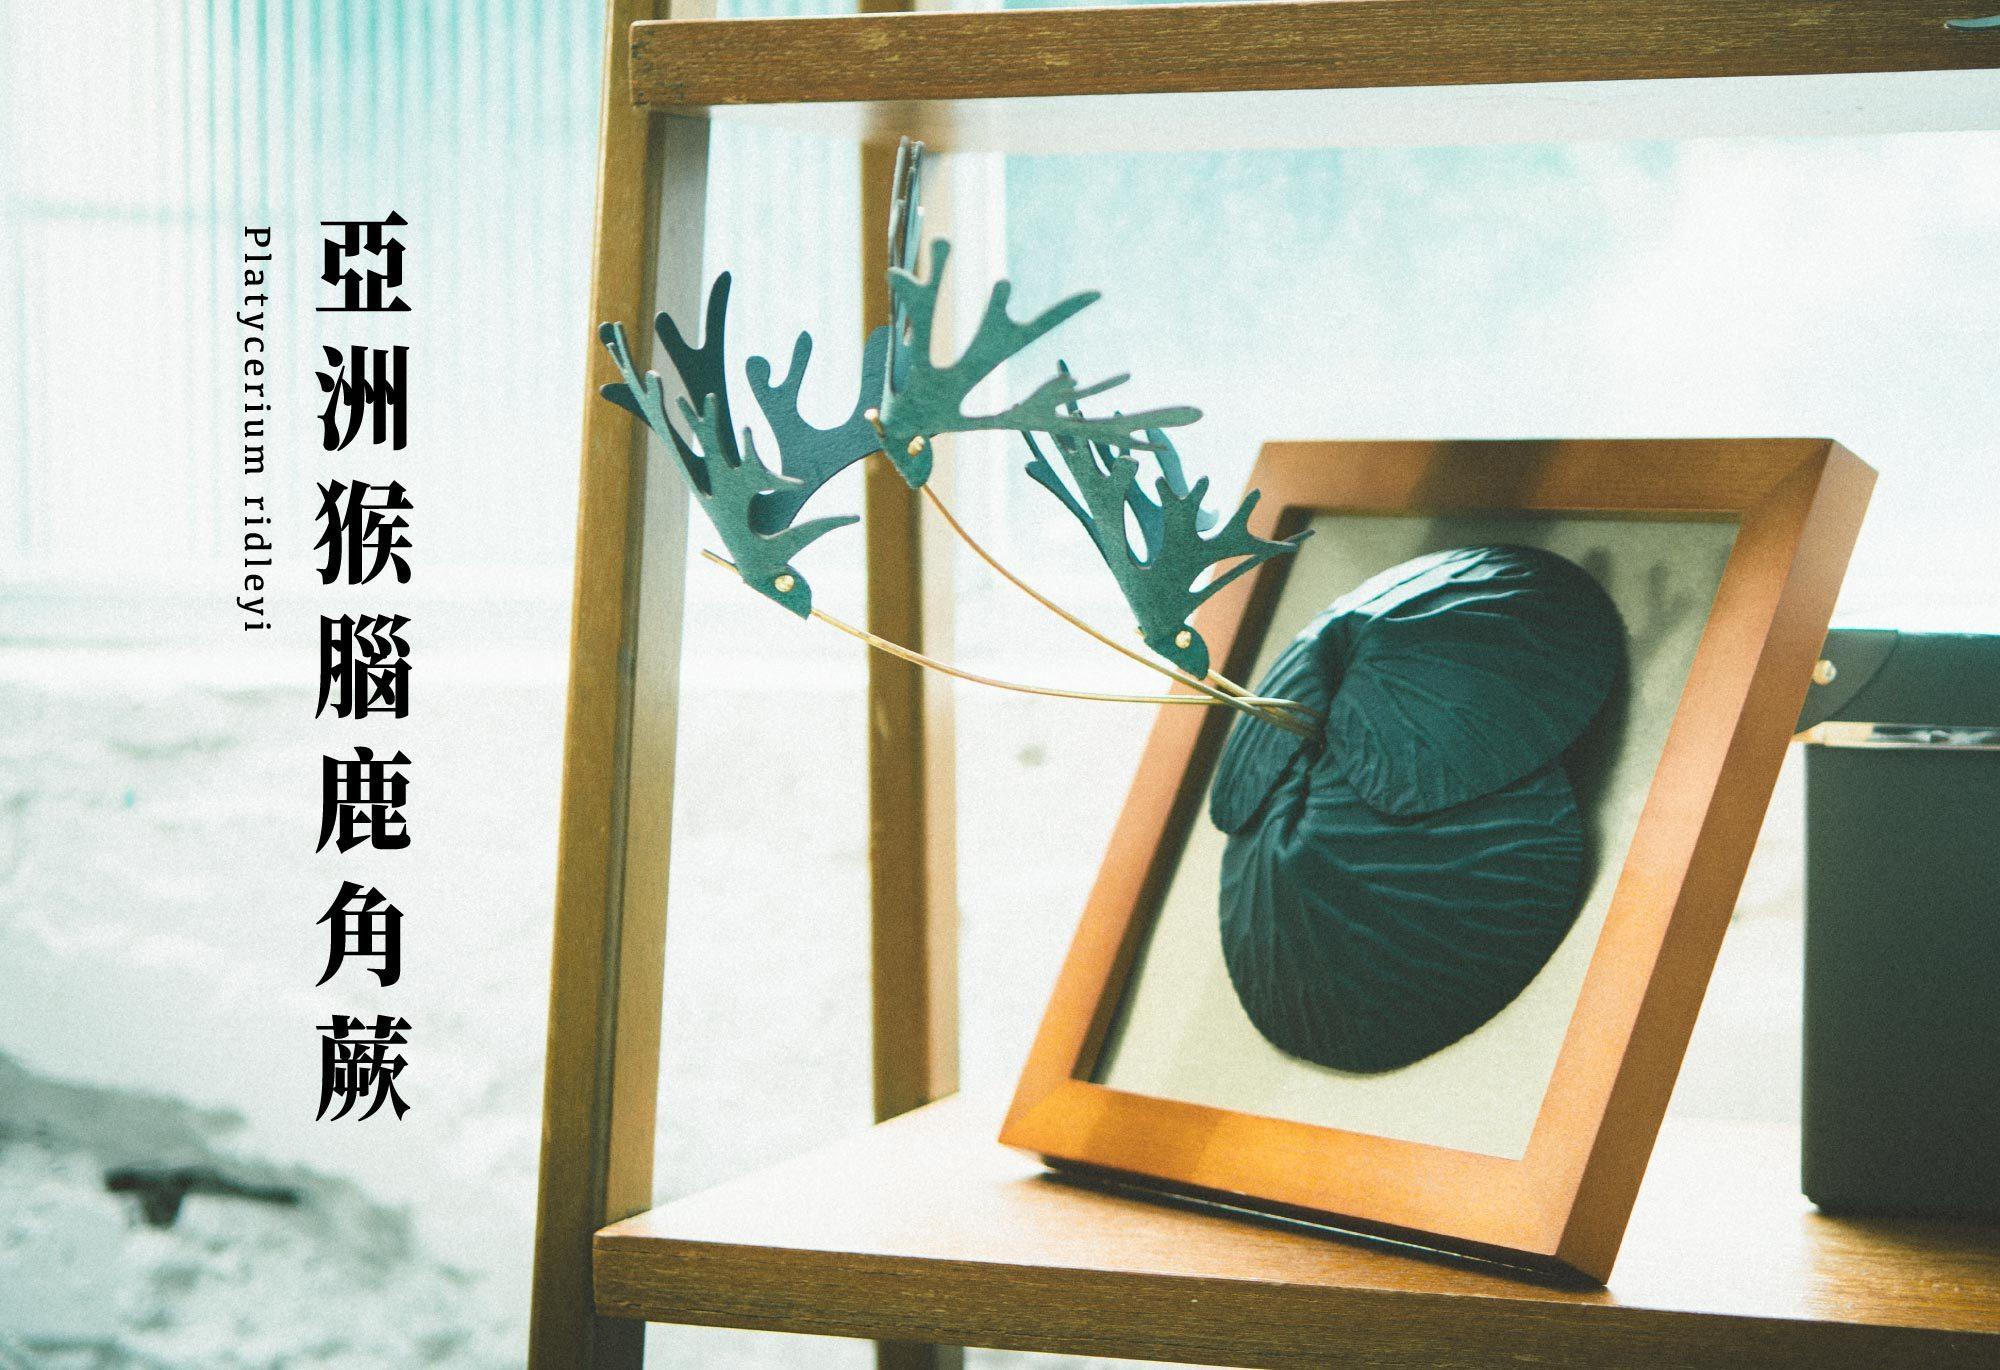 放一株亞洲猴腦鹿角蕨在辦公桌上,陪你認真工作,舒緩你的壓力